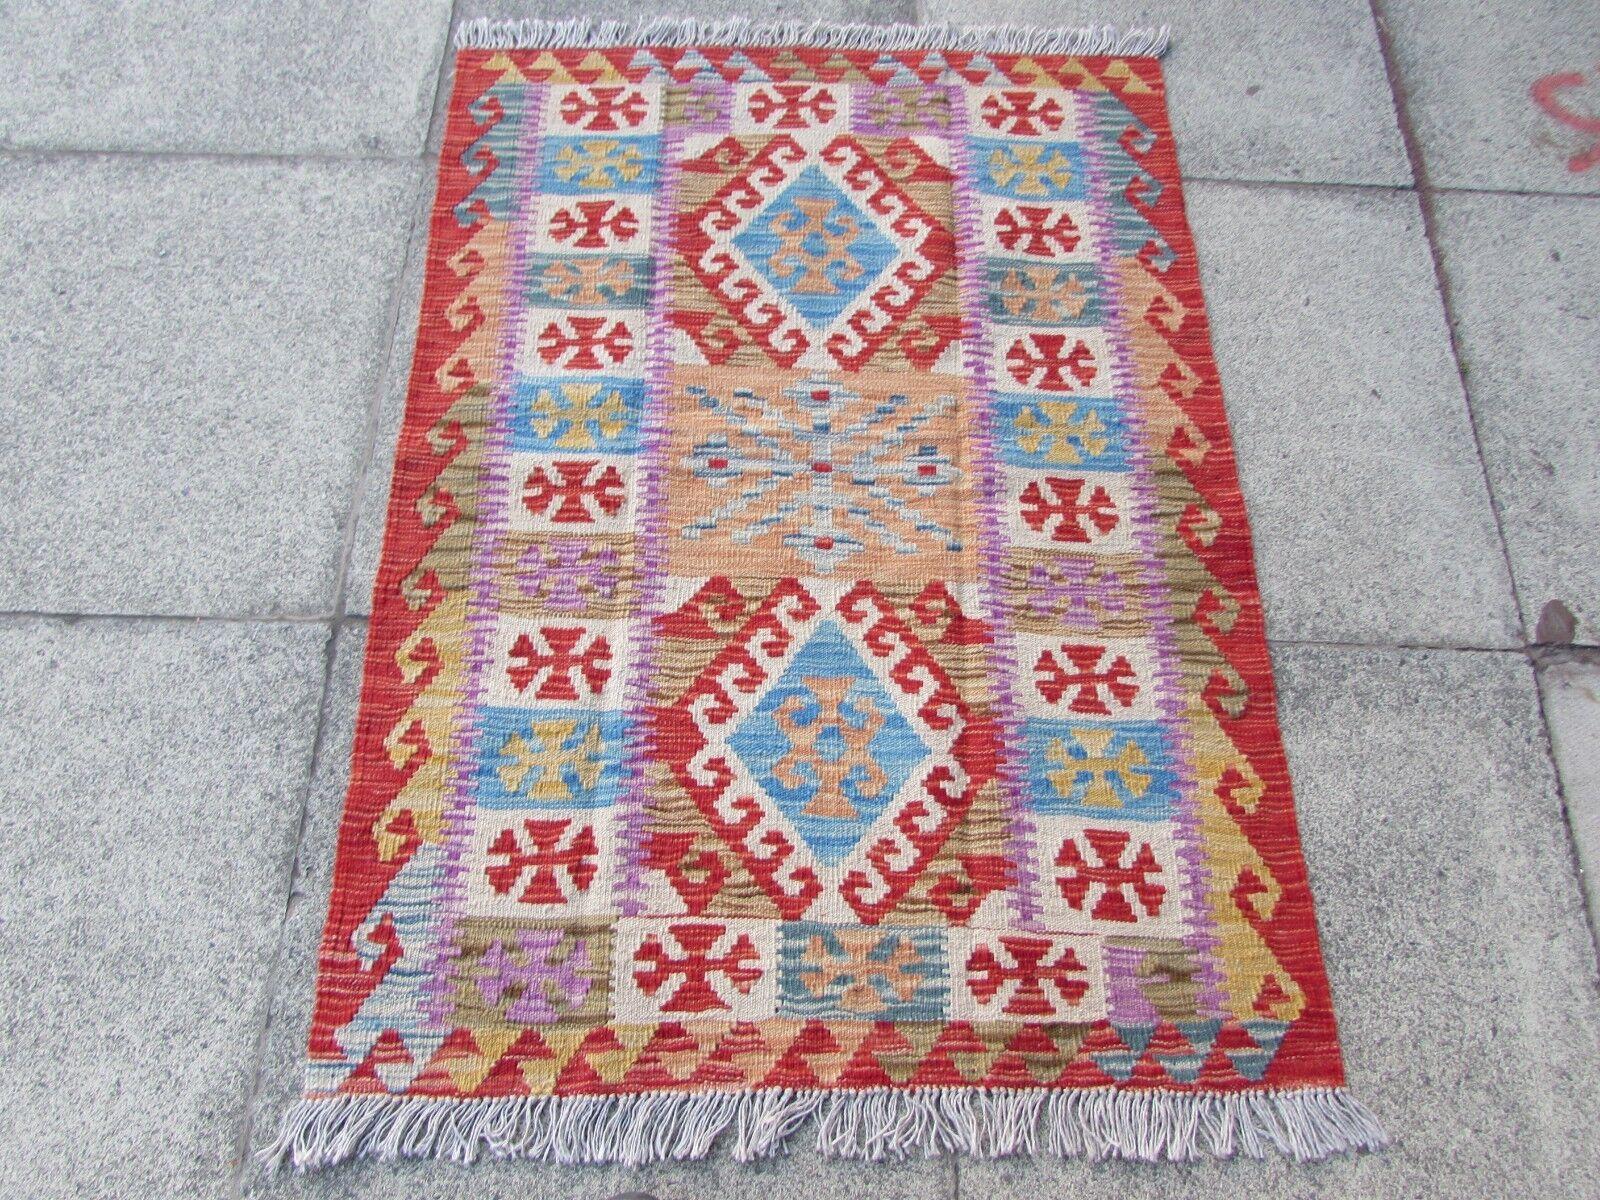 KILIM ANTICO afgano Tradizionale Fatto a Mano Orientale Rosso Blu Lana Kilim 122x79cm